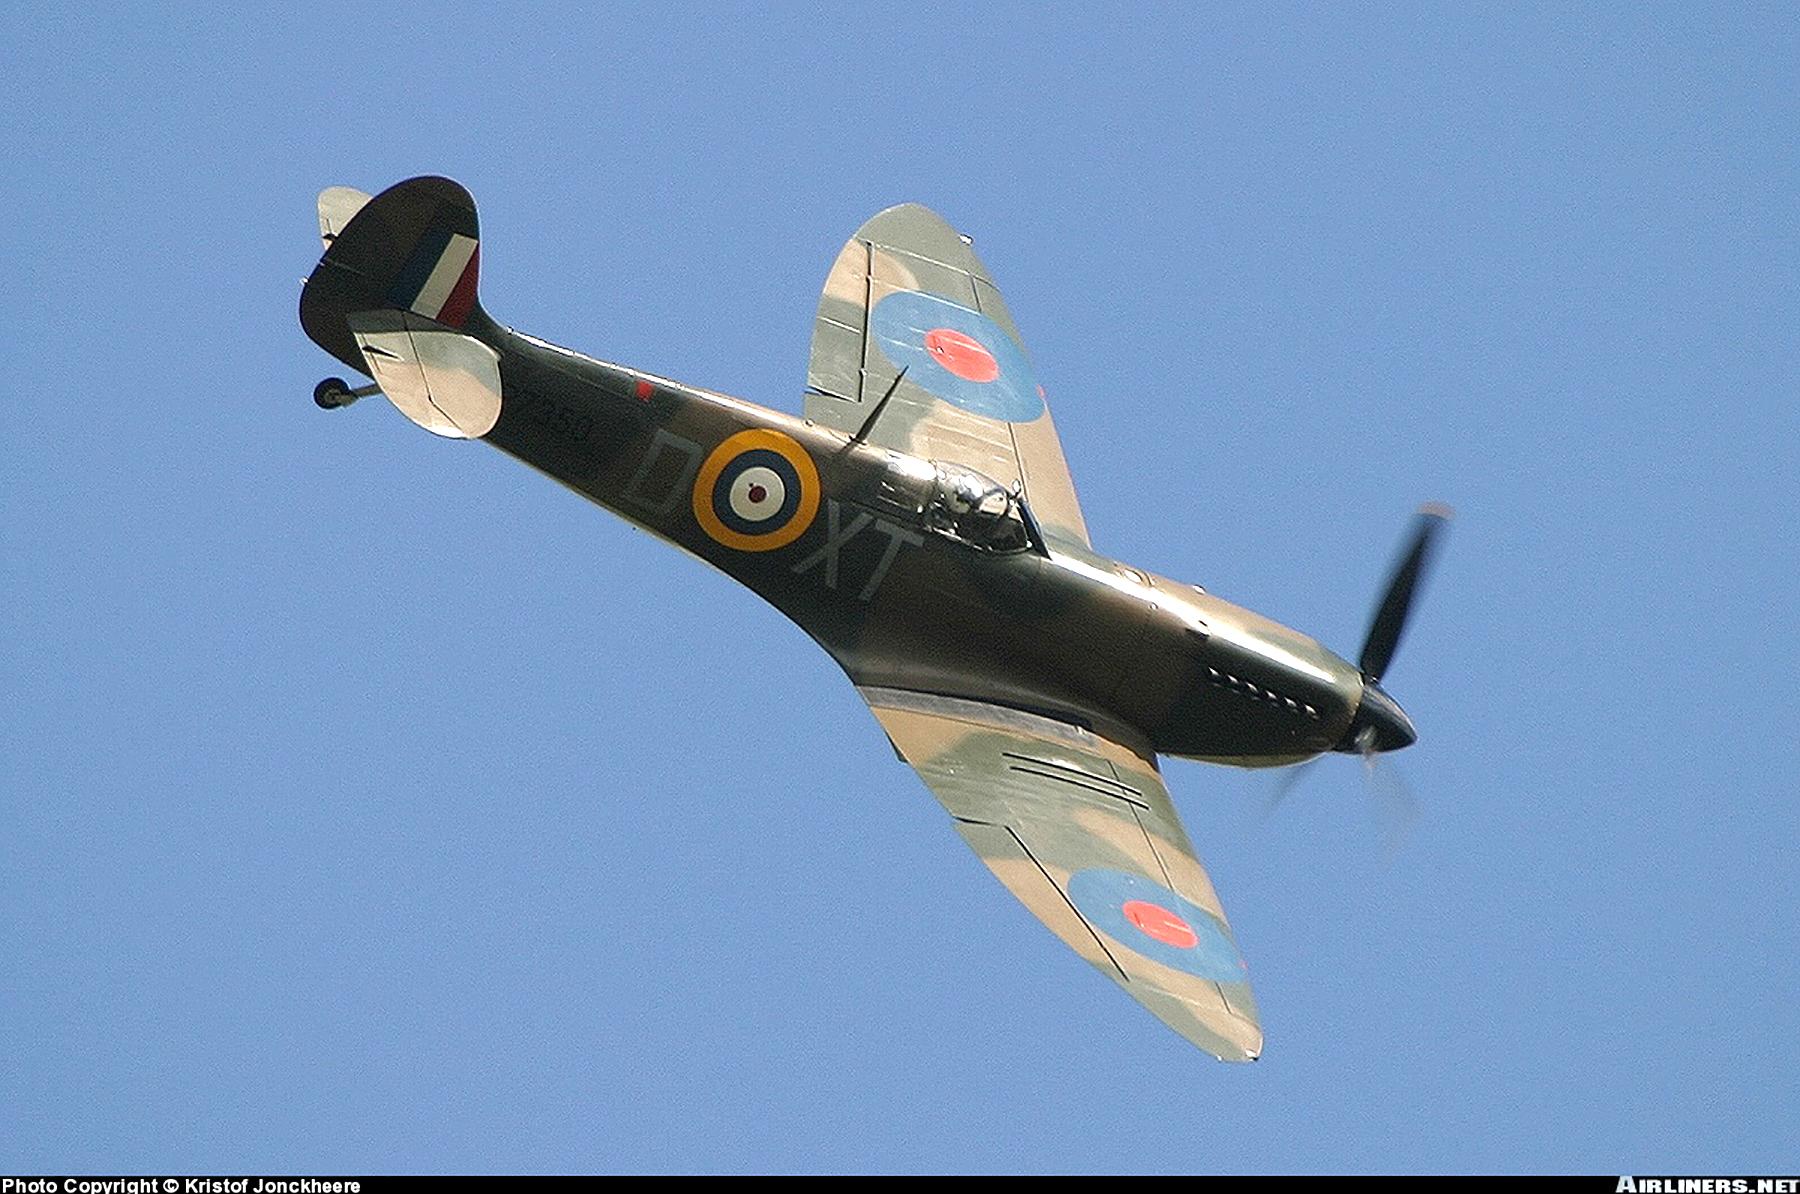 Airworthy Spitfire warbird RAF 603Sqn XTD P7350 08